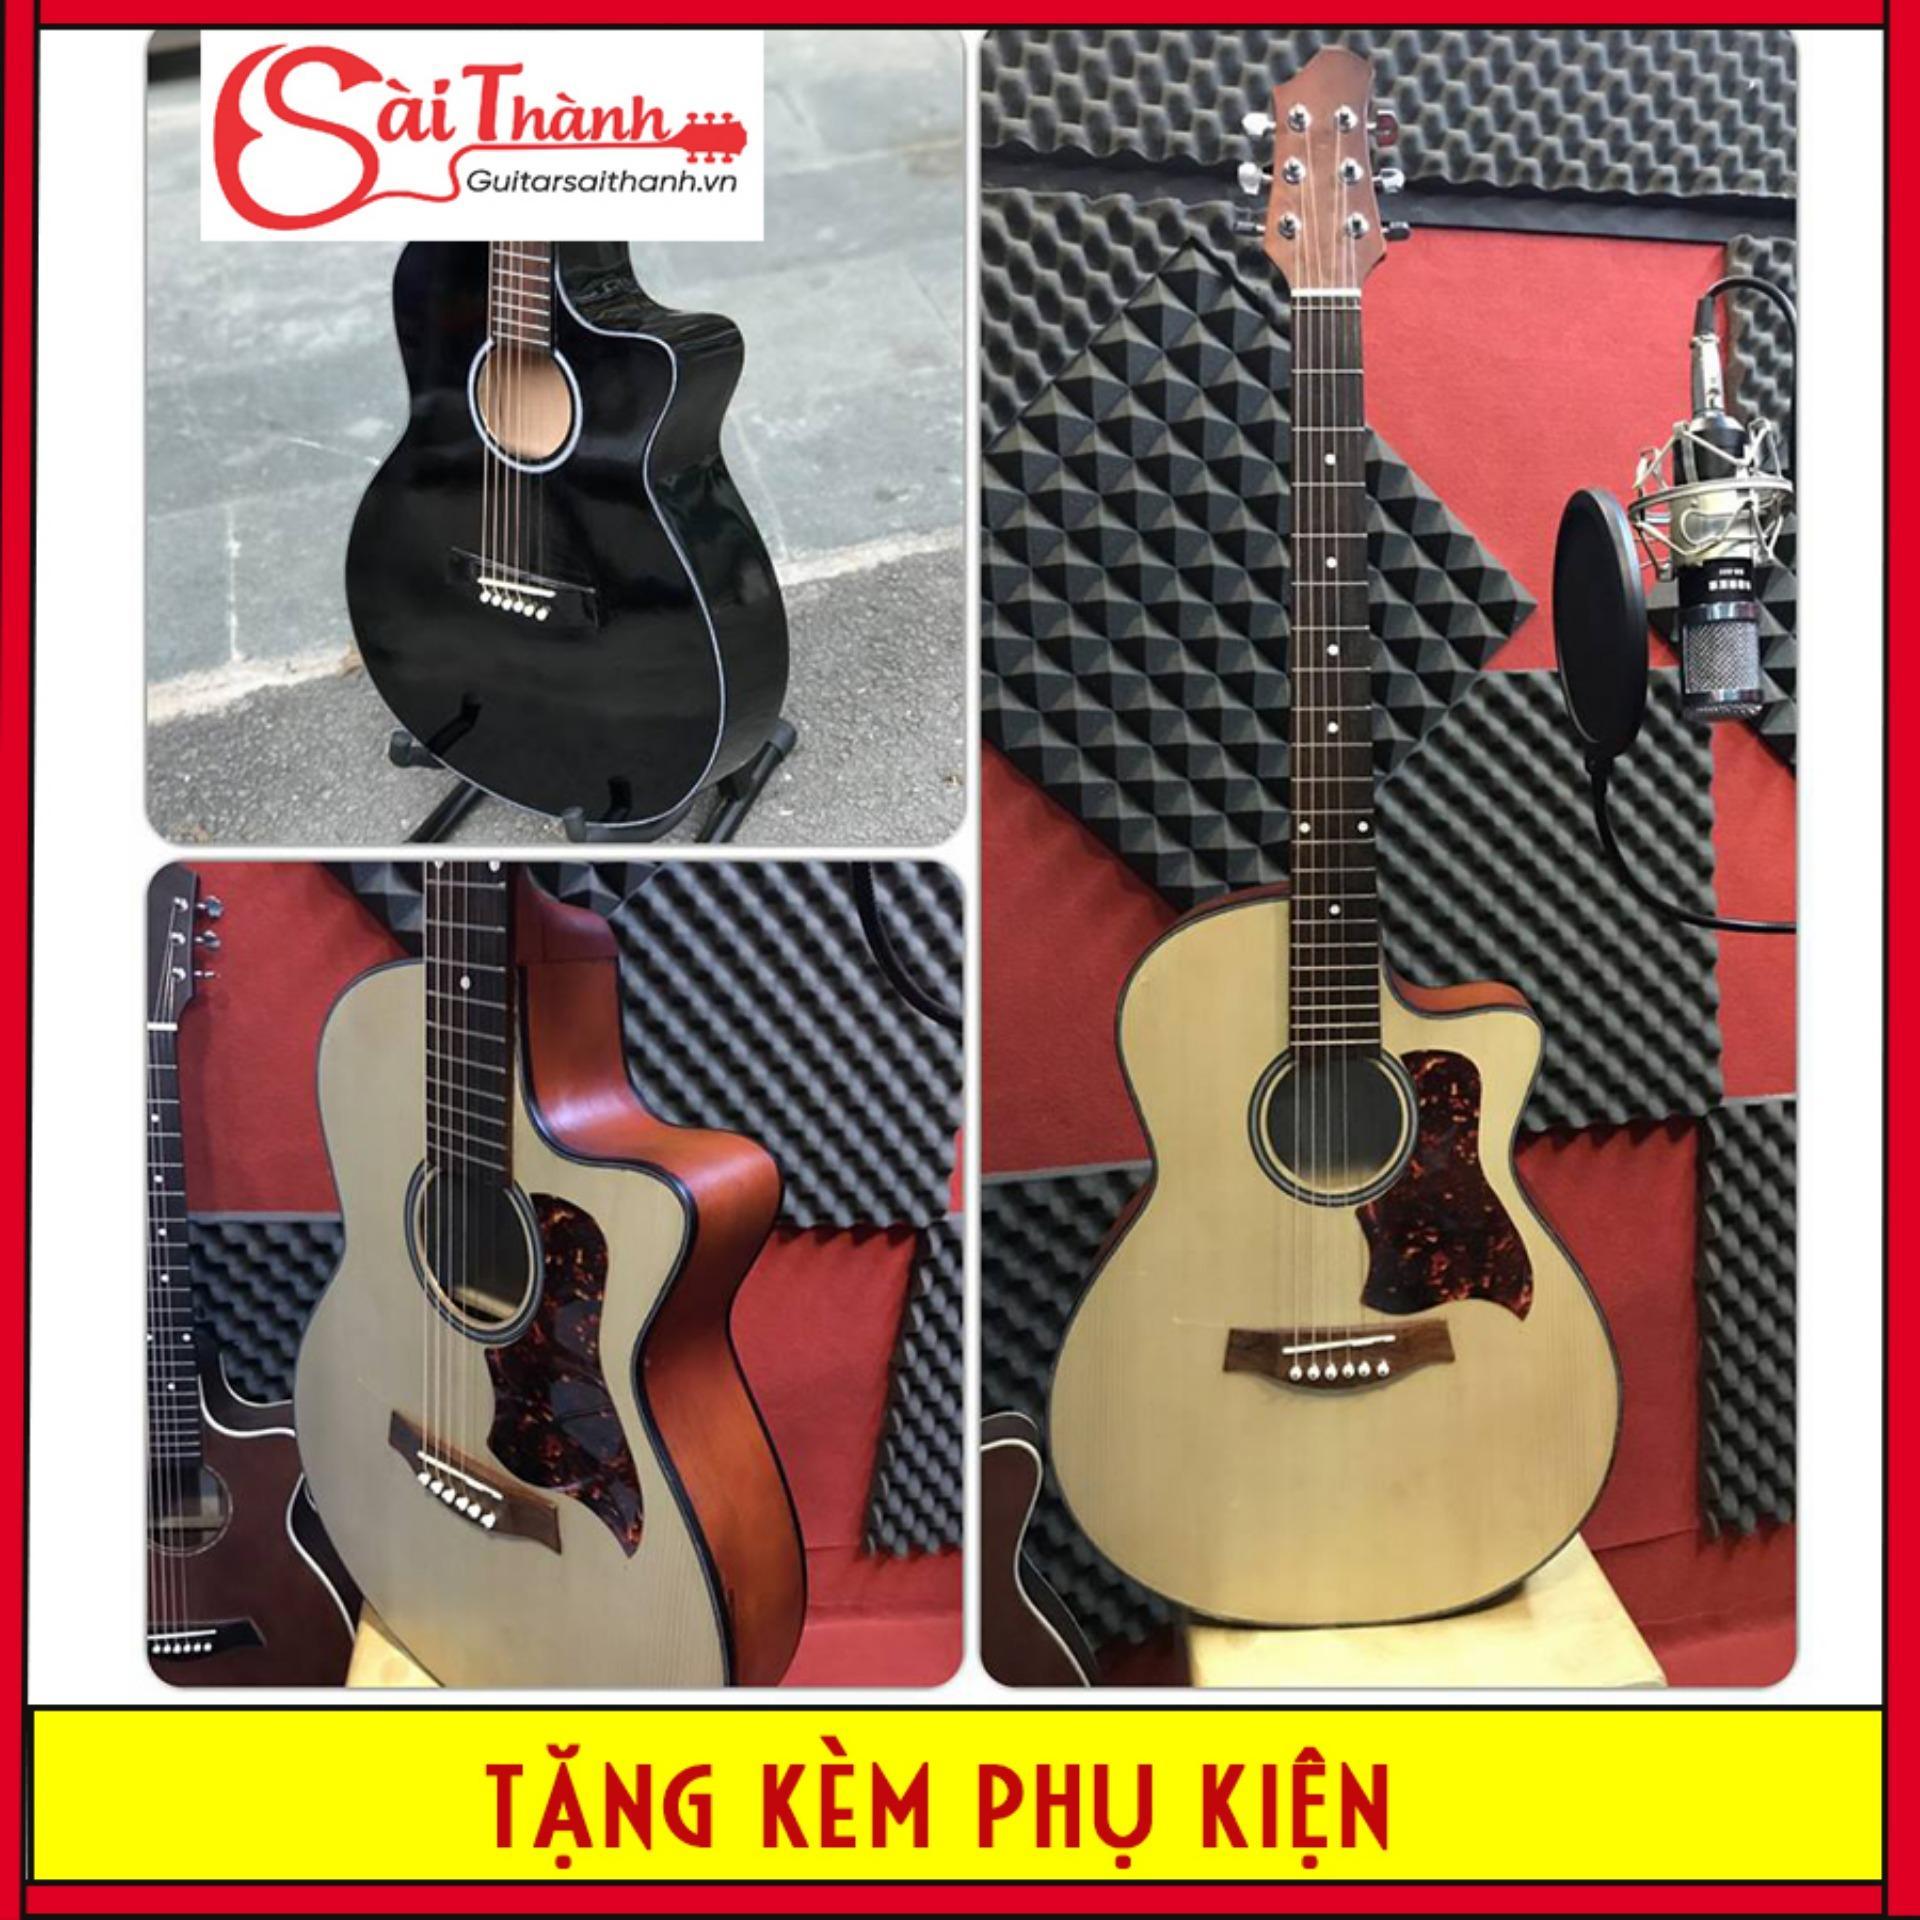 Offer Giảm Giá Đàn Guitar Acoustic GVA23 Cho Người Mới Tập Chơi - Tặng Kèm BAO ĐỰNG ĐÀN + GIÁO TRÌNH HỌC ĐÀN + PICK GÃY + DÂY SƠ CUA